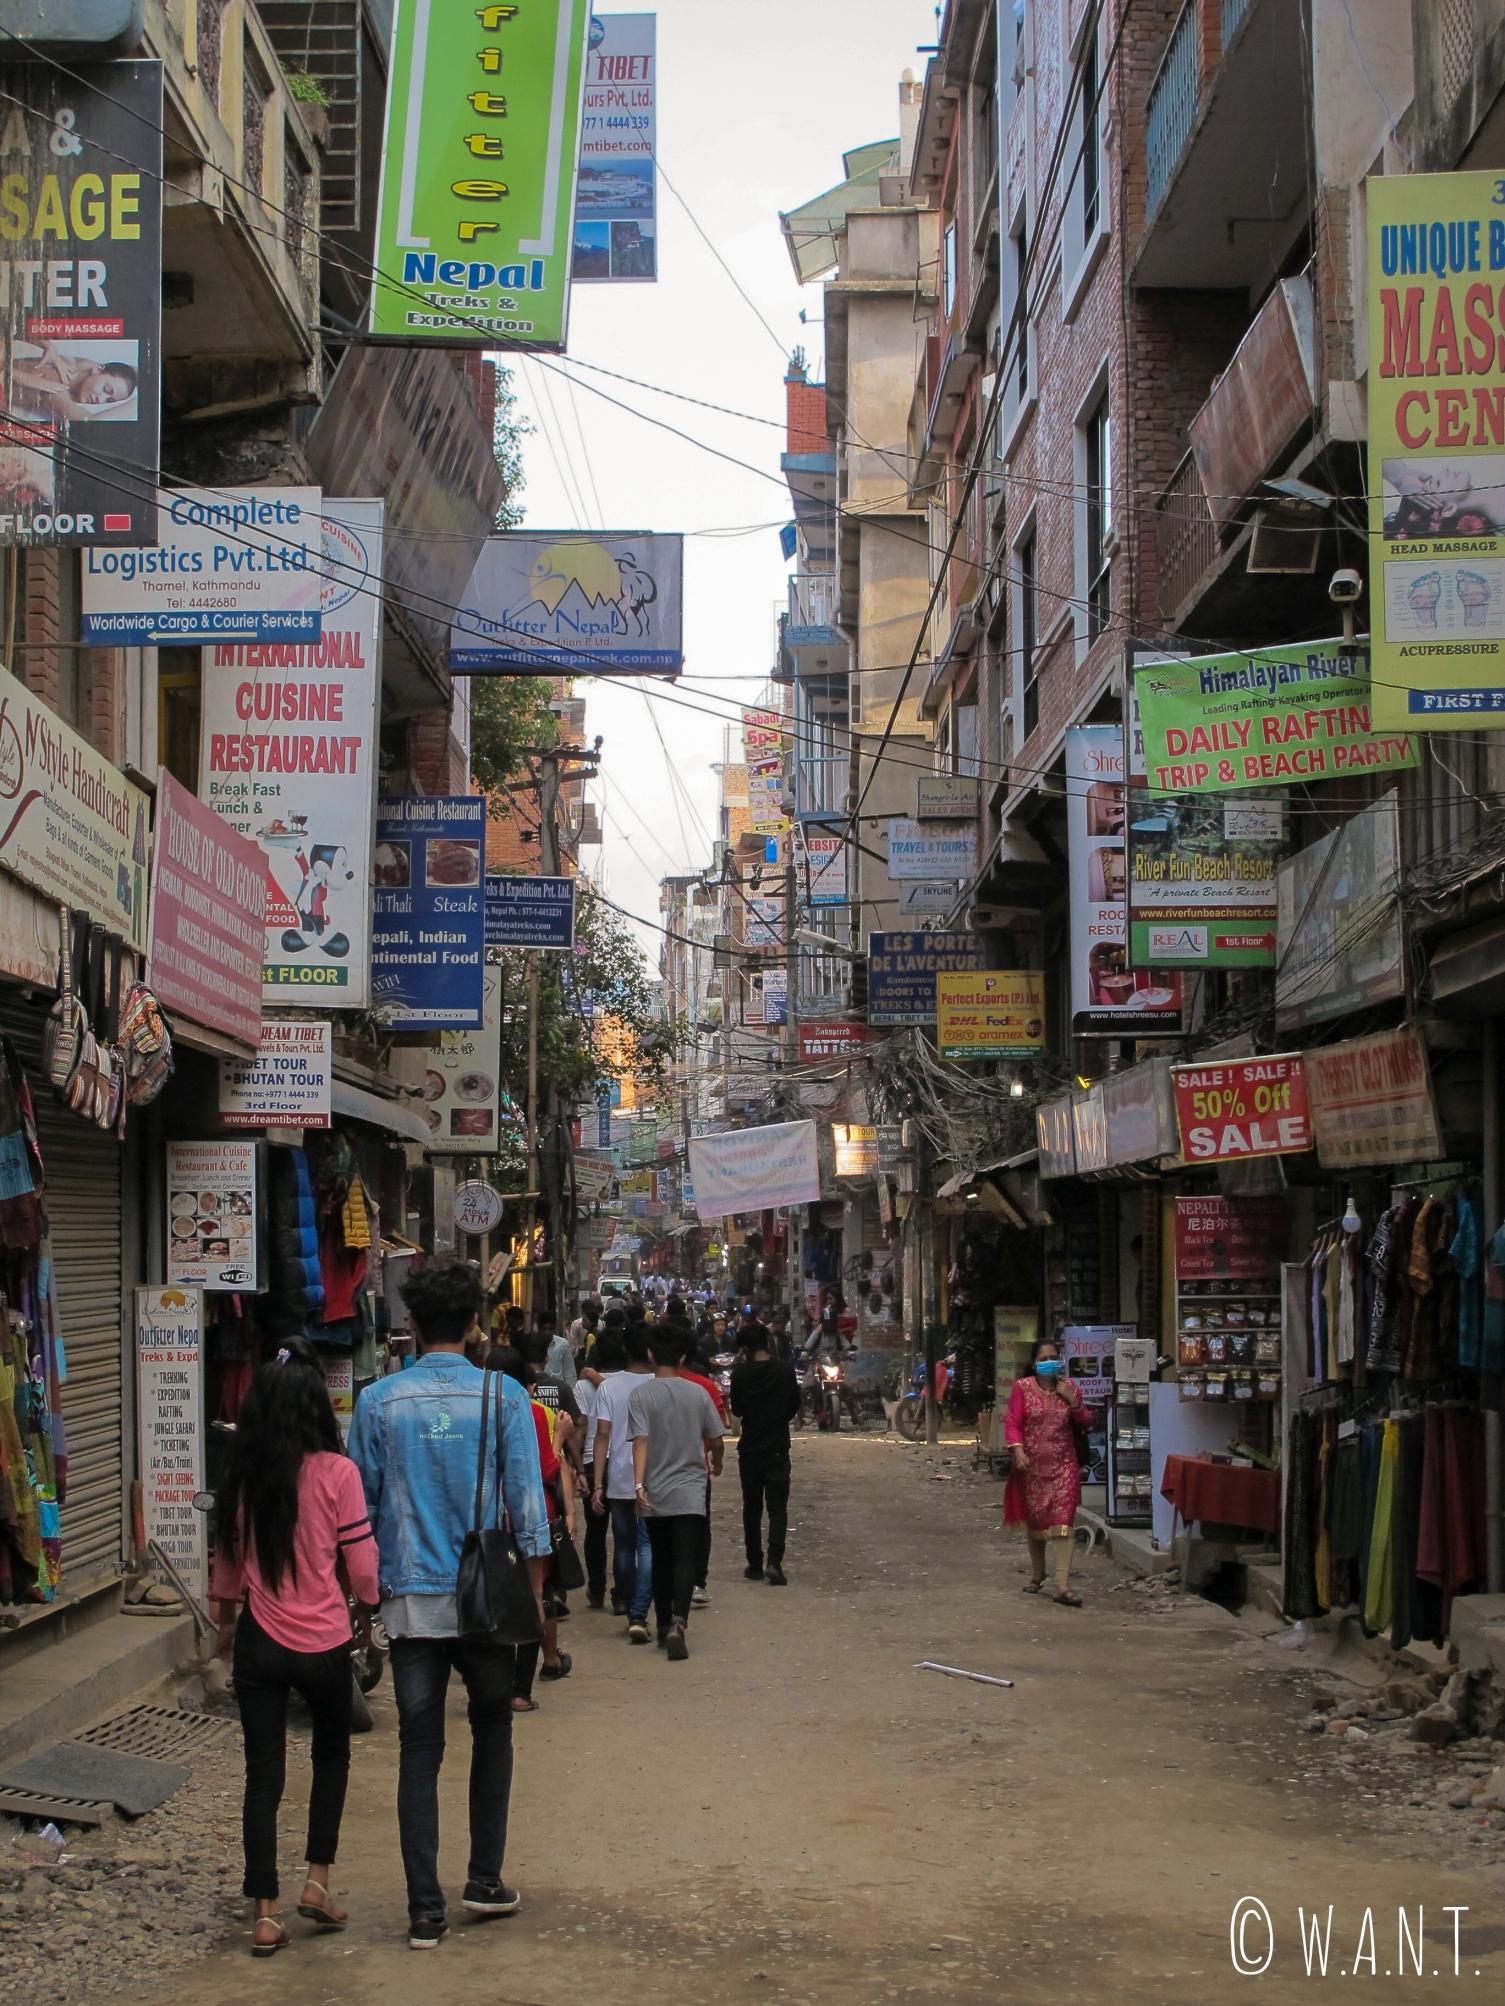 Rue animée du quartier de Thamel à Katmandou